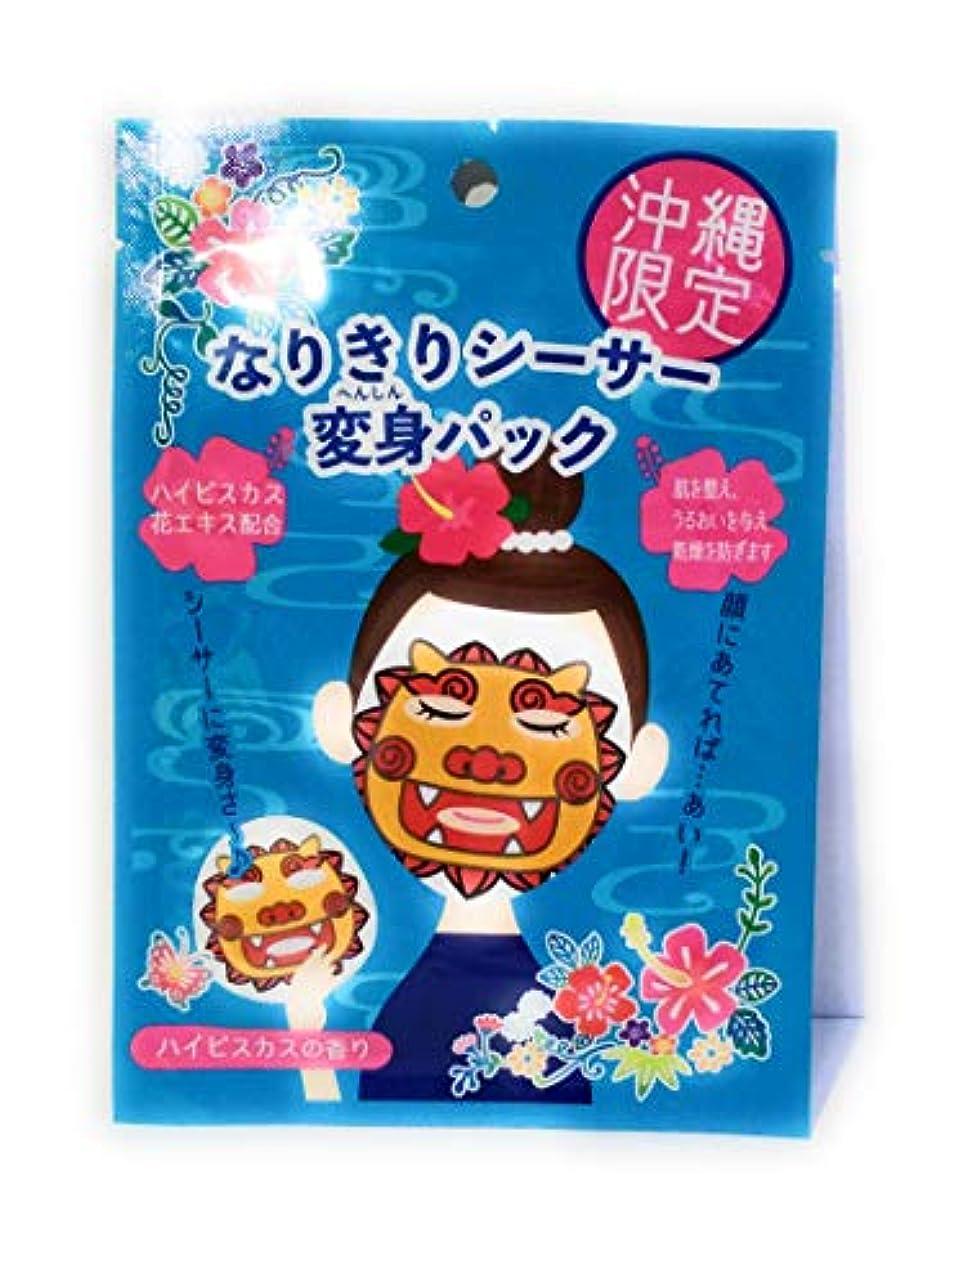 伴う取り除く噴出する沖縄限定 なりきりシーサー変身パック ハイビスカスの香り